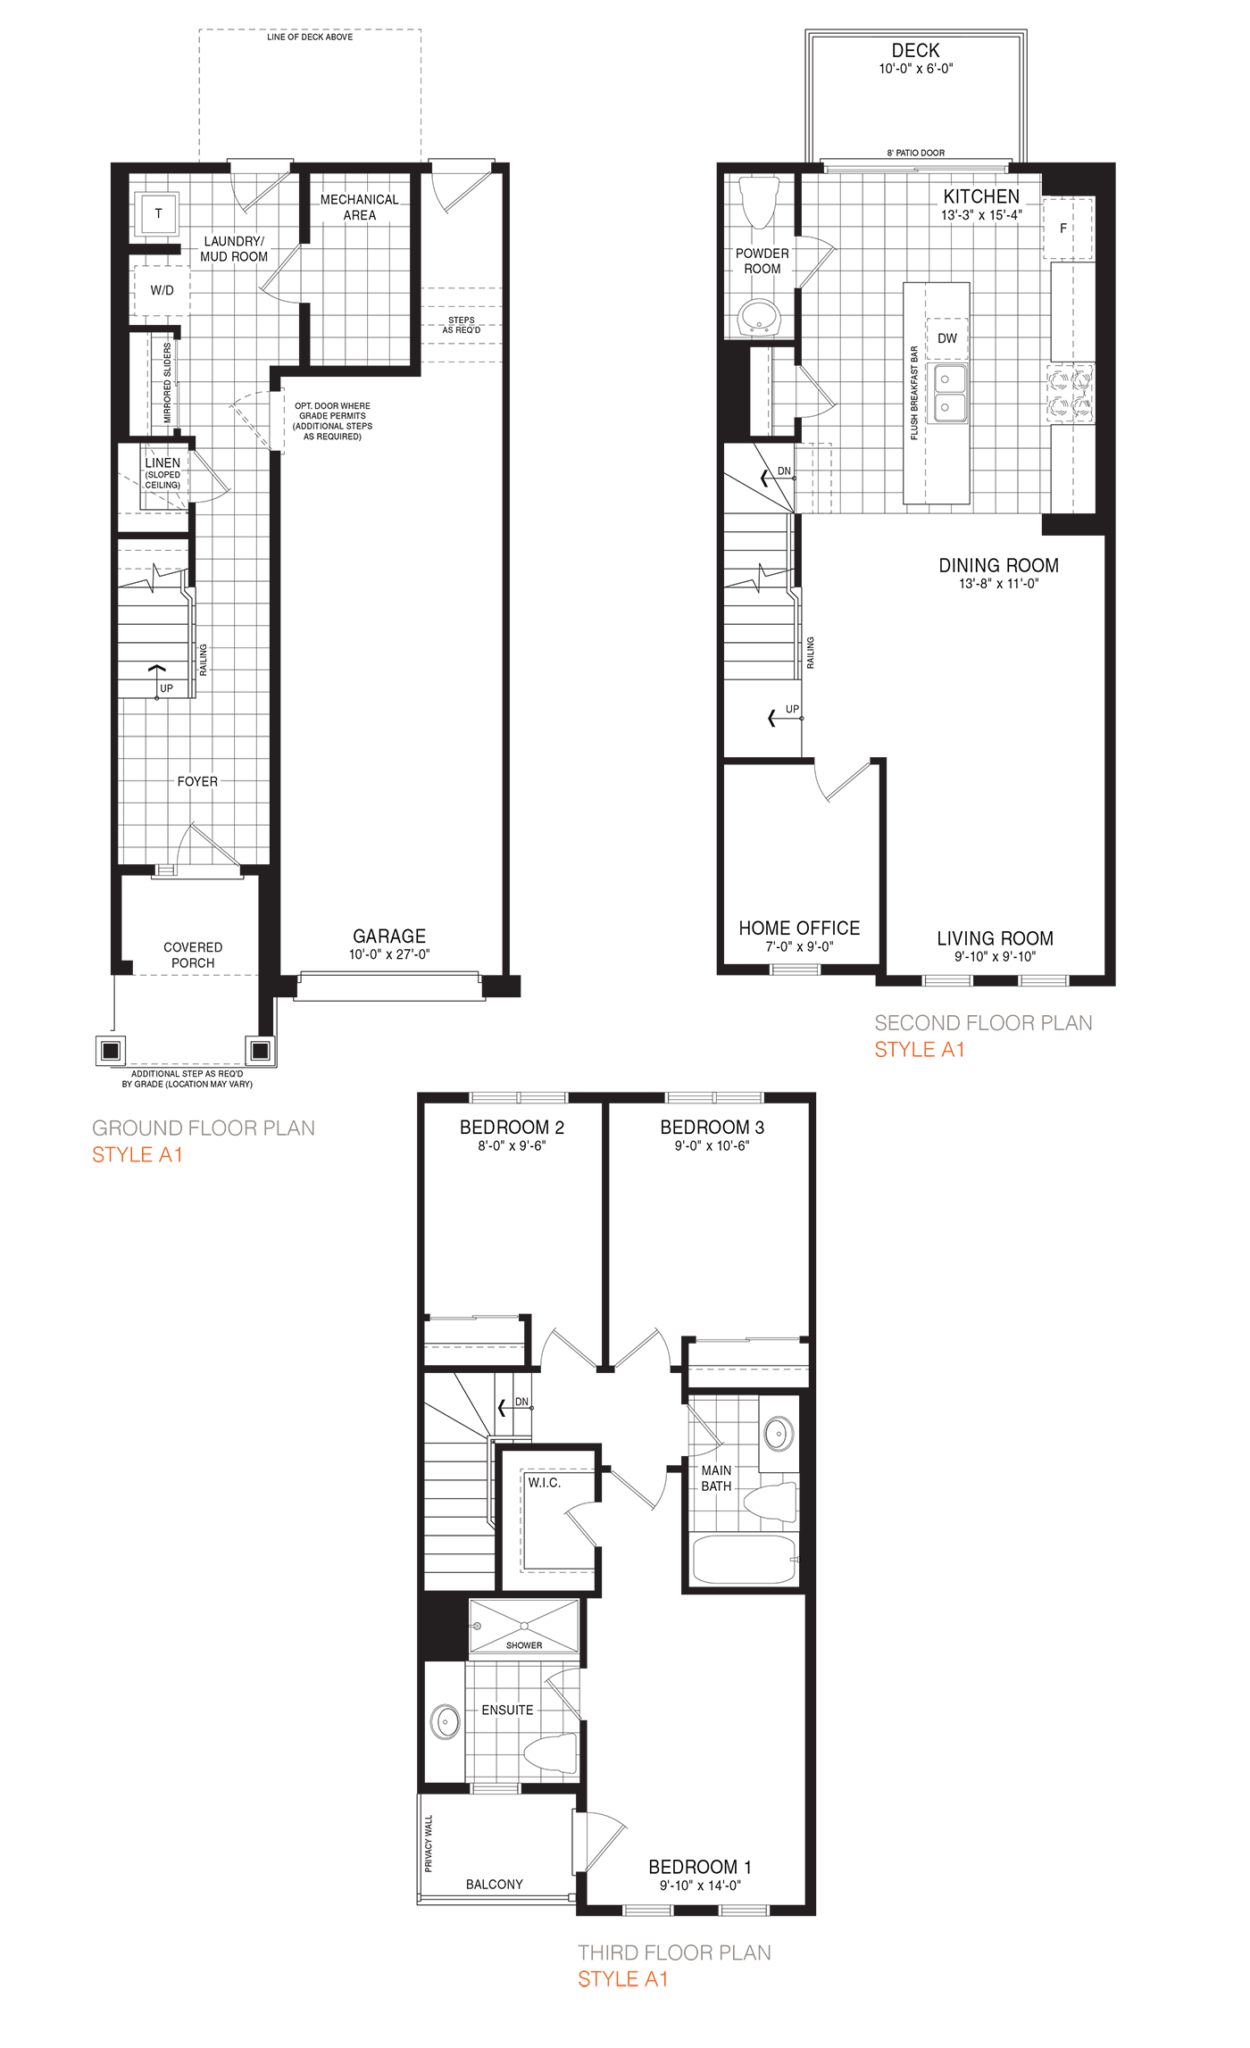 Dorian-dorian-floor-plans